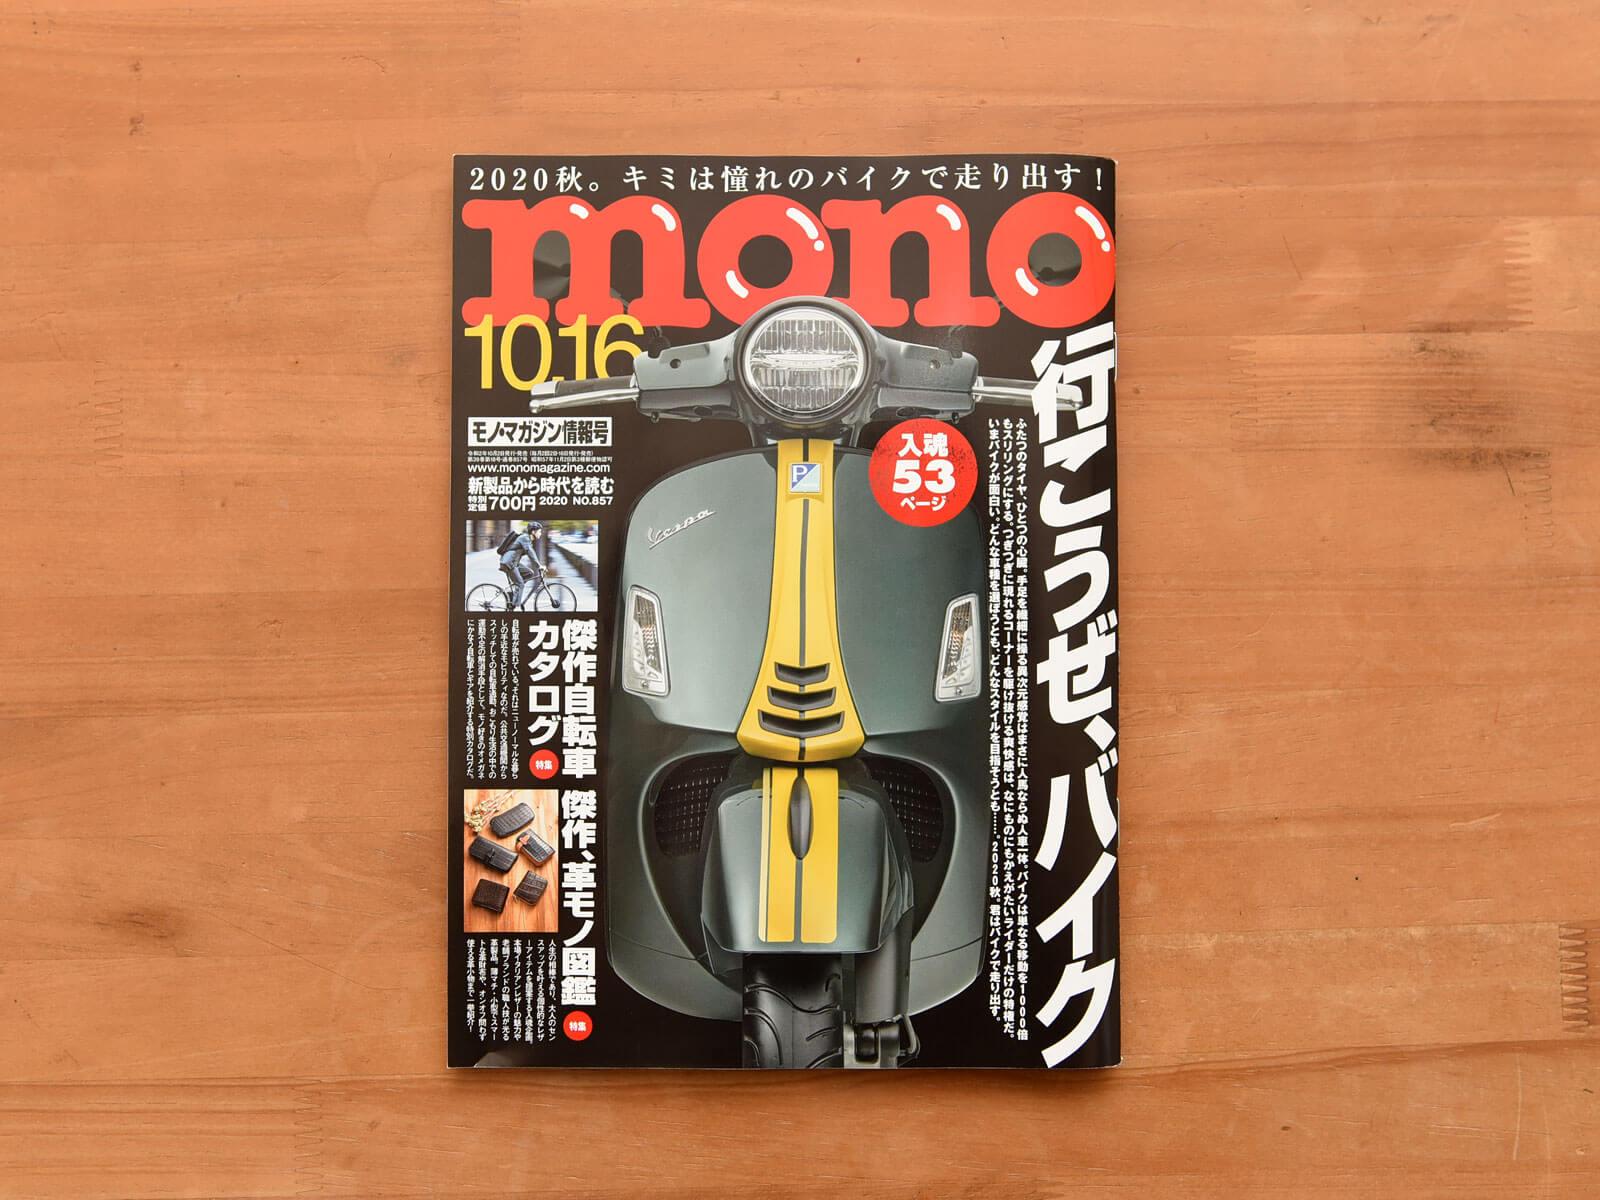 雑誌掲載のお知らせ「モノ・マガジン2020年10月2日特集号」